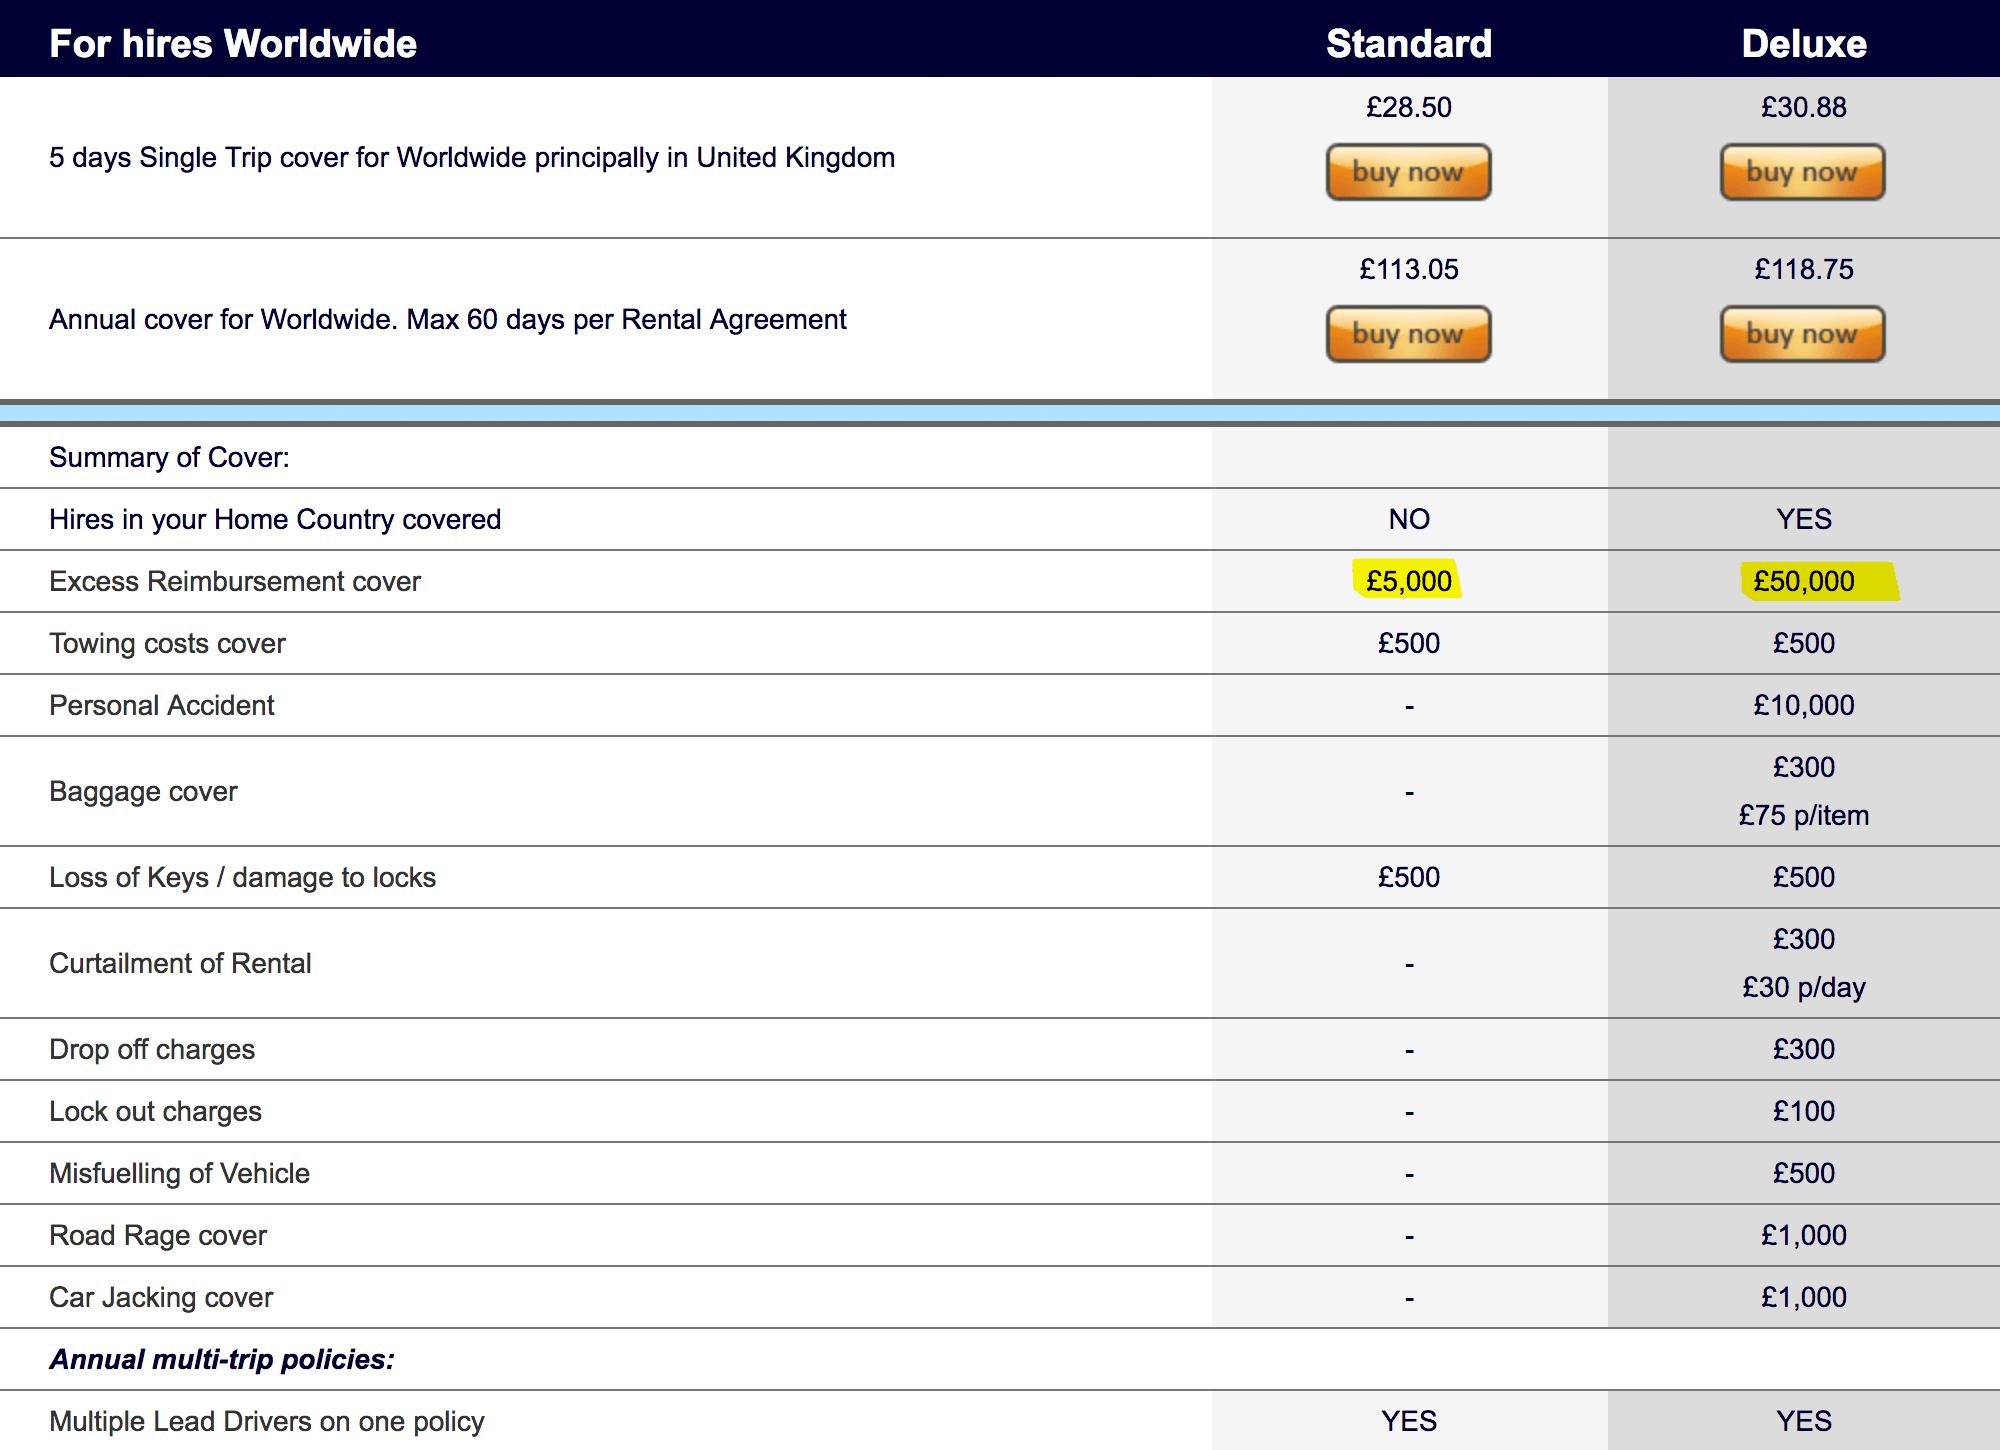 Тарифы дополнительной страховки на 5 дней. В «Стандарте» возмещают 5000£ (435 000 р.), в «Делюксе» 50 000£ (4 350 000 р.). Разница между ними — 2£ (175 р.)